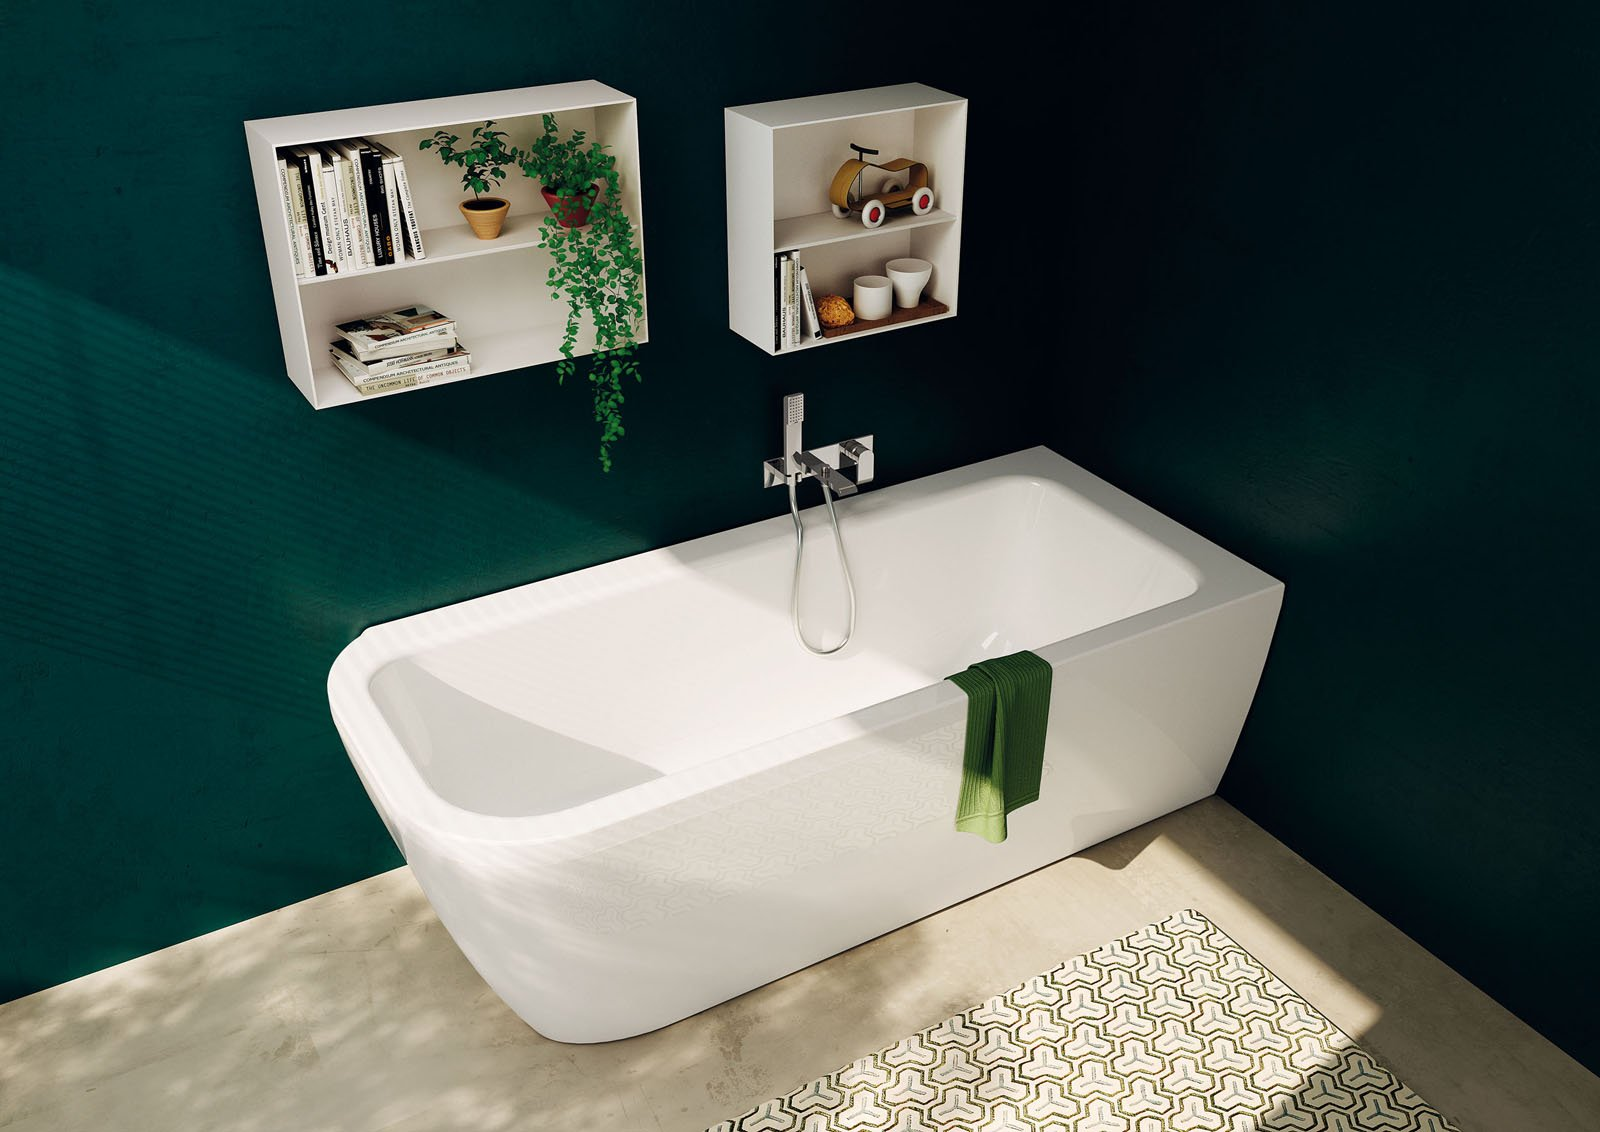 Vasca Da Bagno Piccola Economica : Vasche da bagno low cost a partire da euro cose di casa